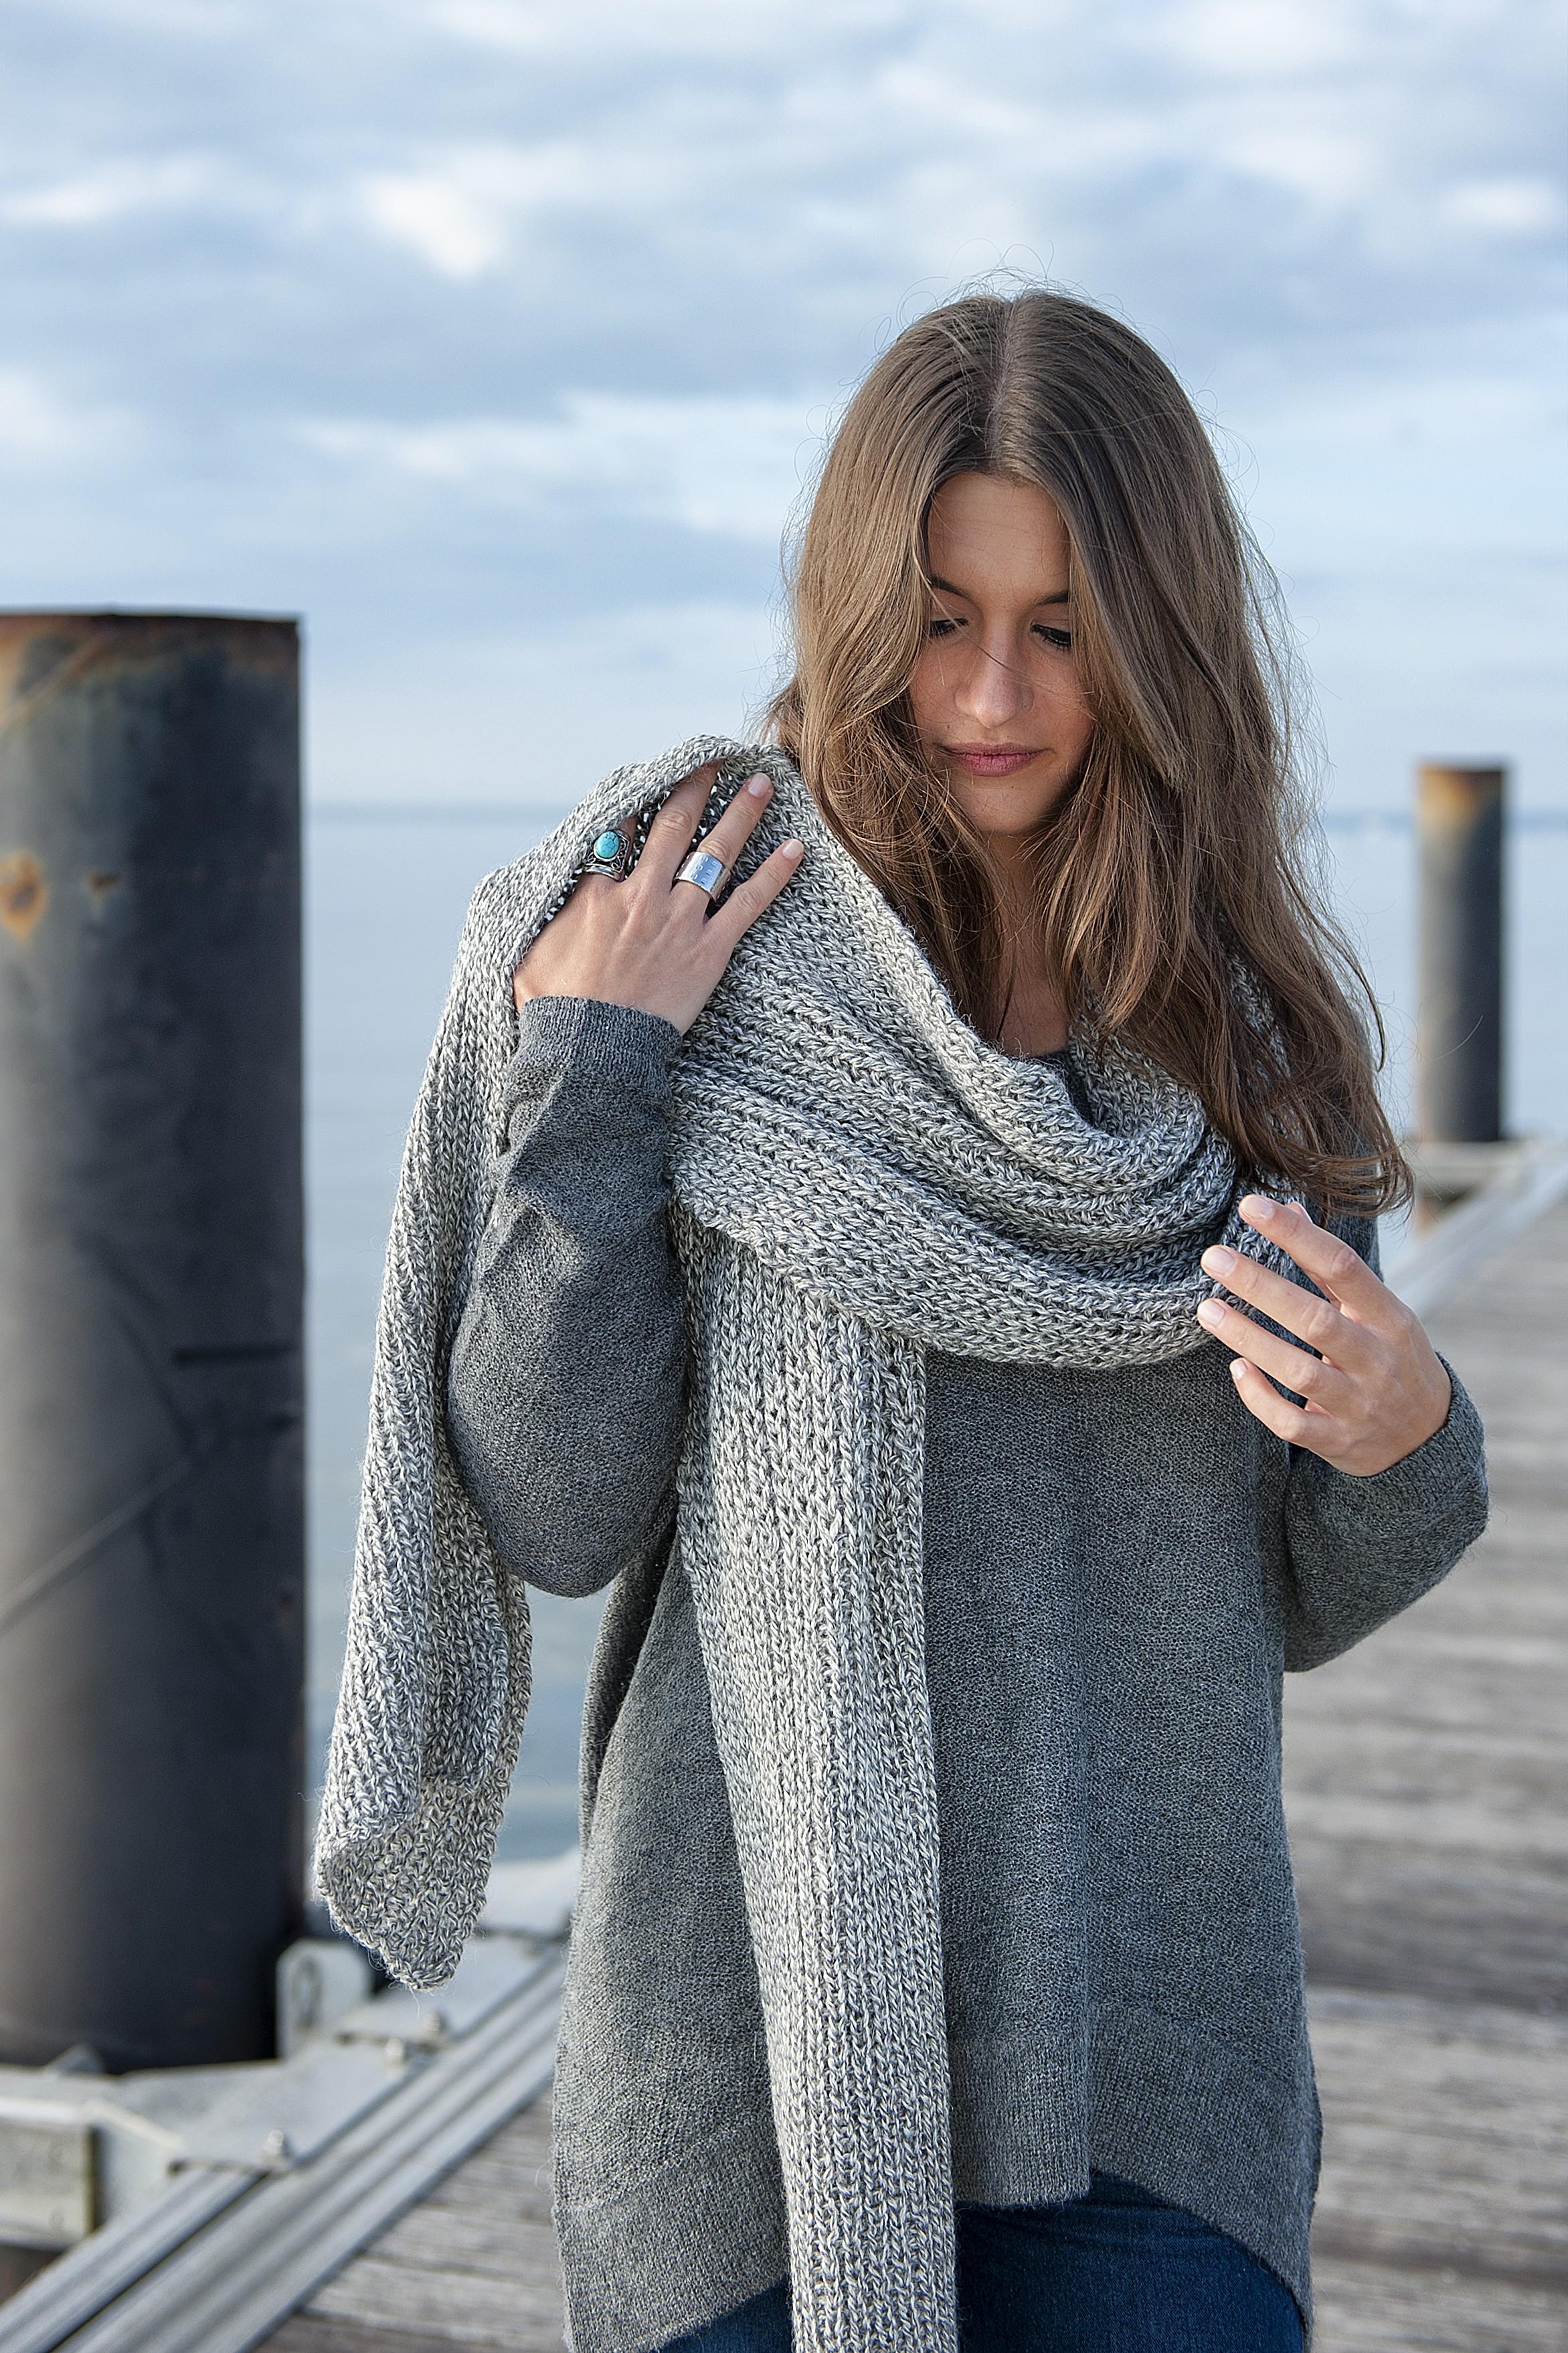 d66b0af88c5 Grosse echarpe laine femme